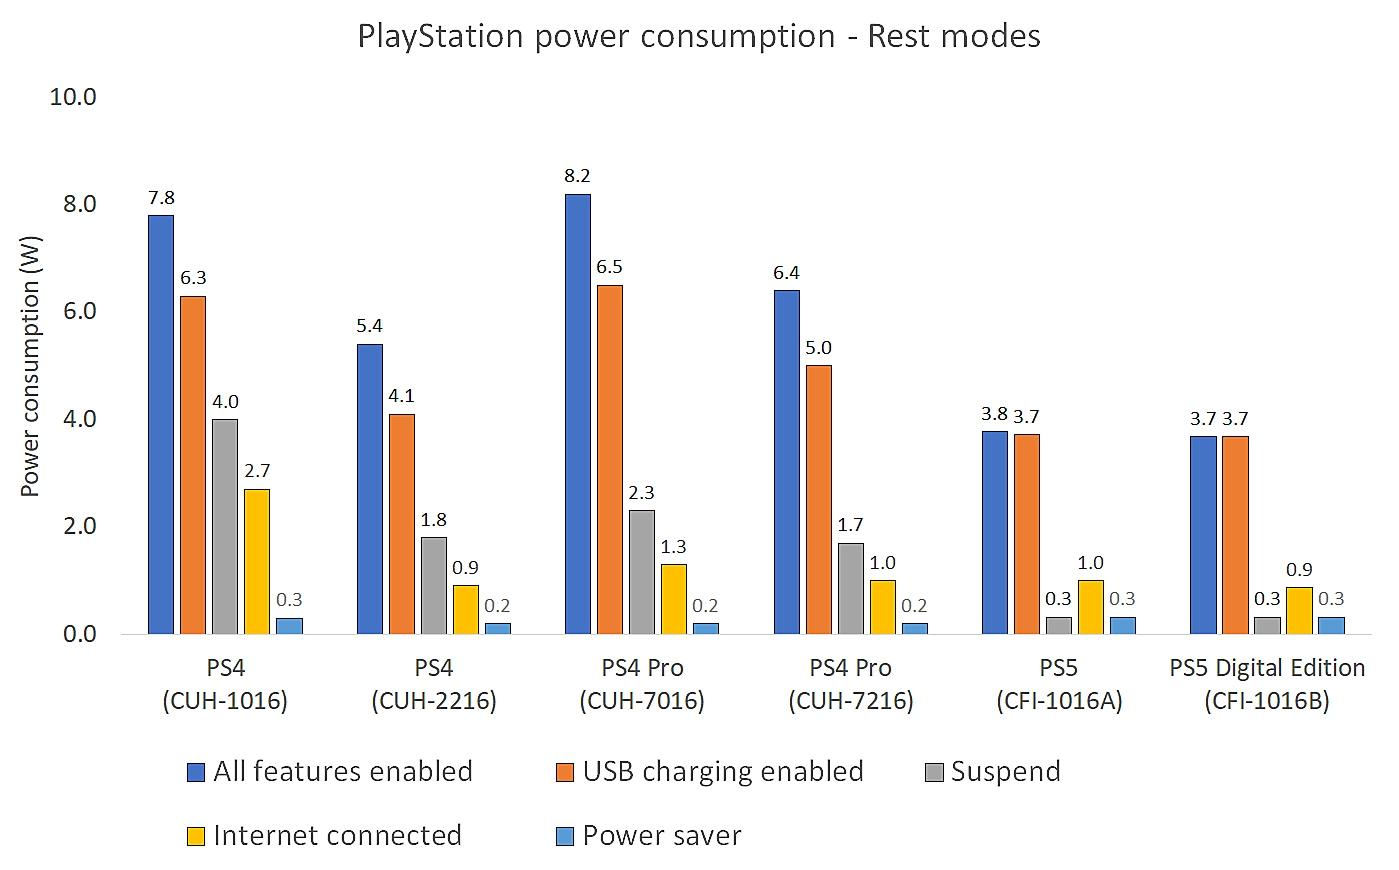 أوضاع سكون استهلاك الطاقة في PlayStation